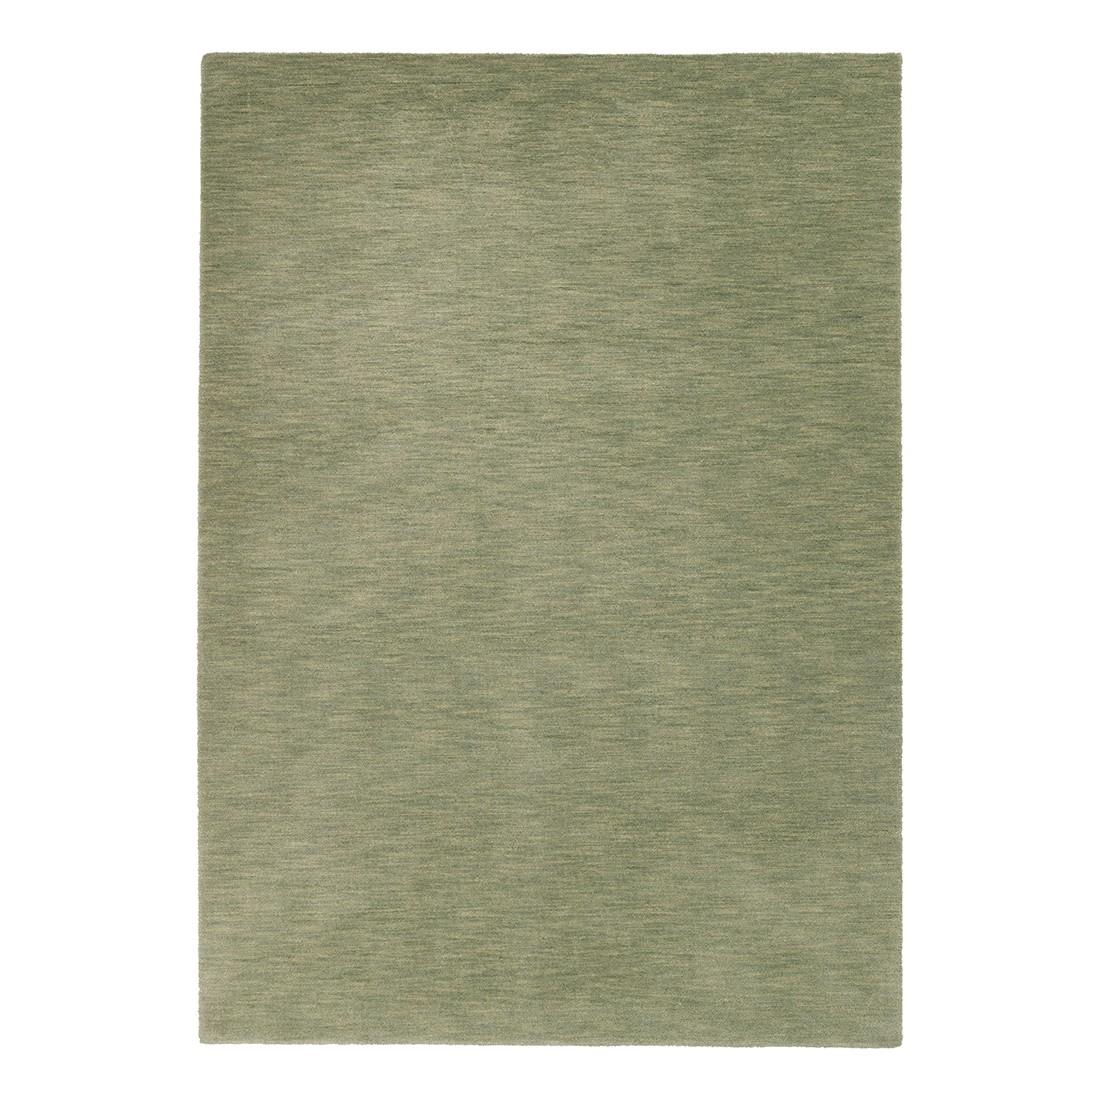 Teppich Shivaz – Hellgrün – 70 x 140 cm, Schöner Wohnen Kollektion günstig